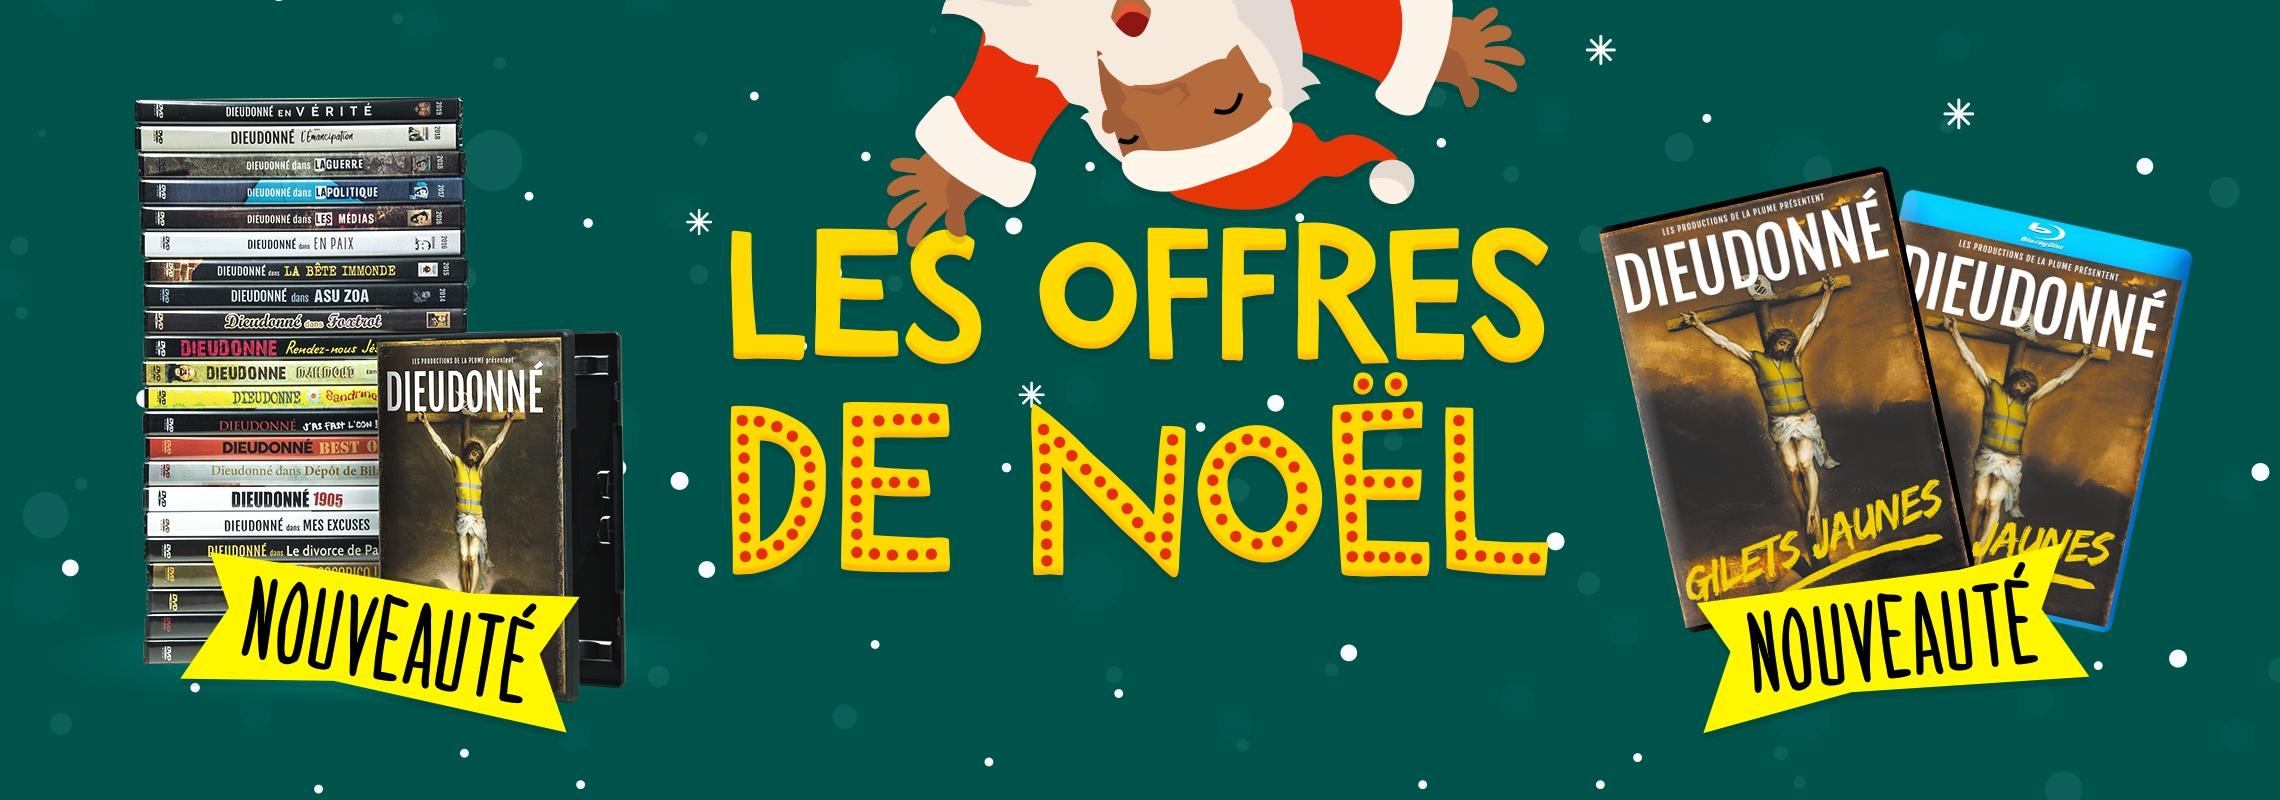 Les offres de Noël